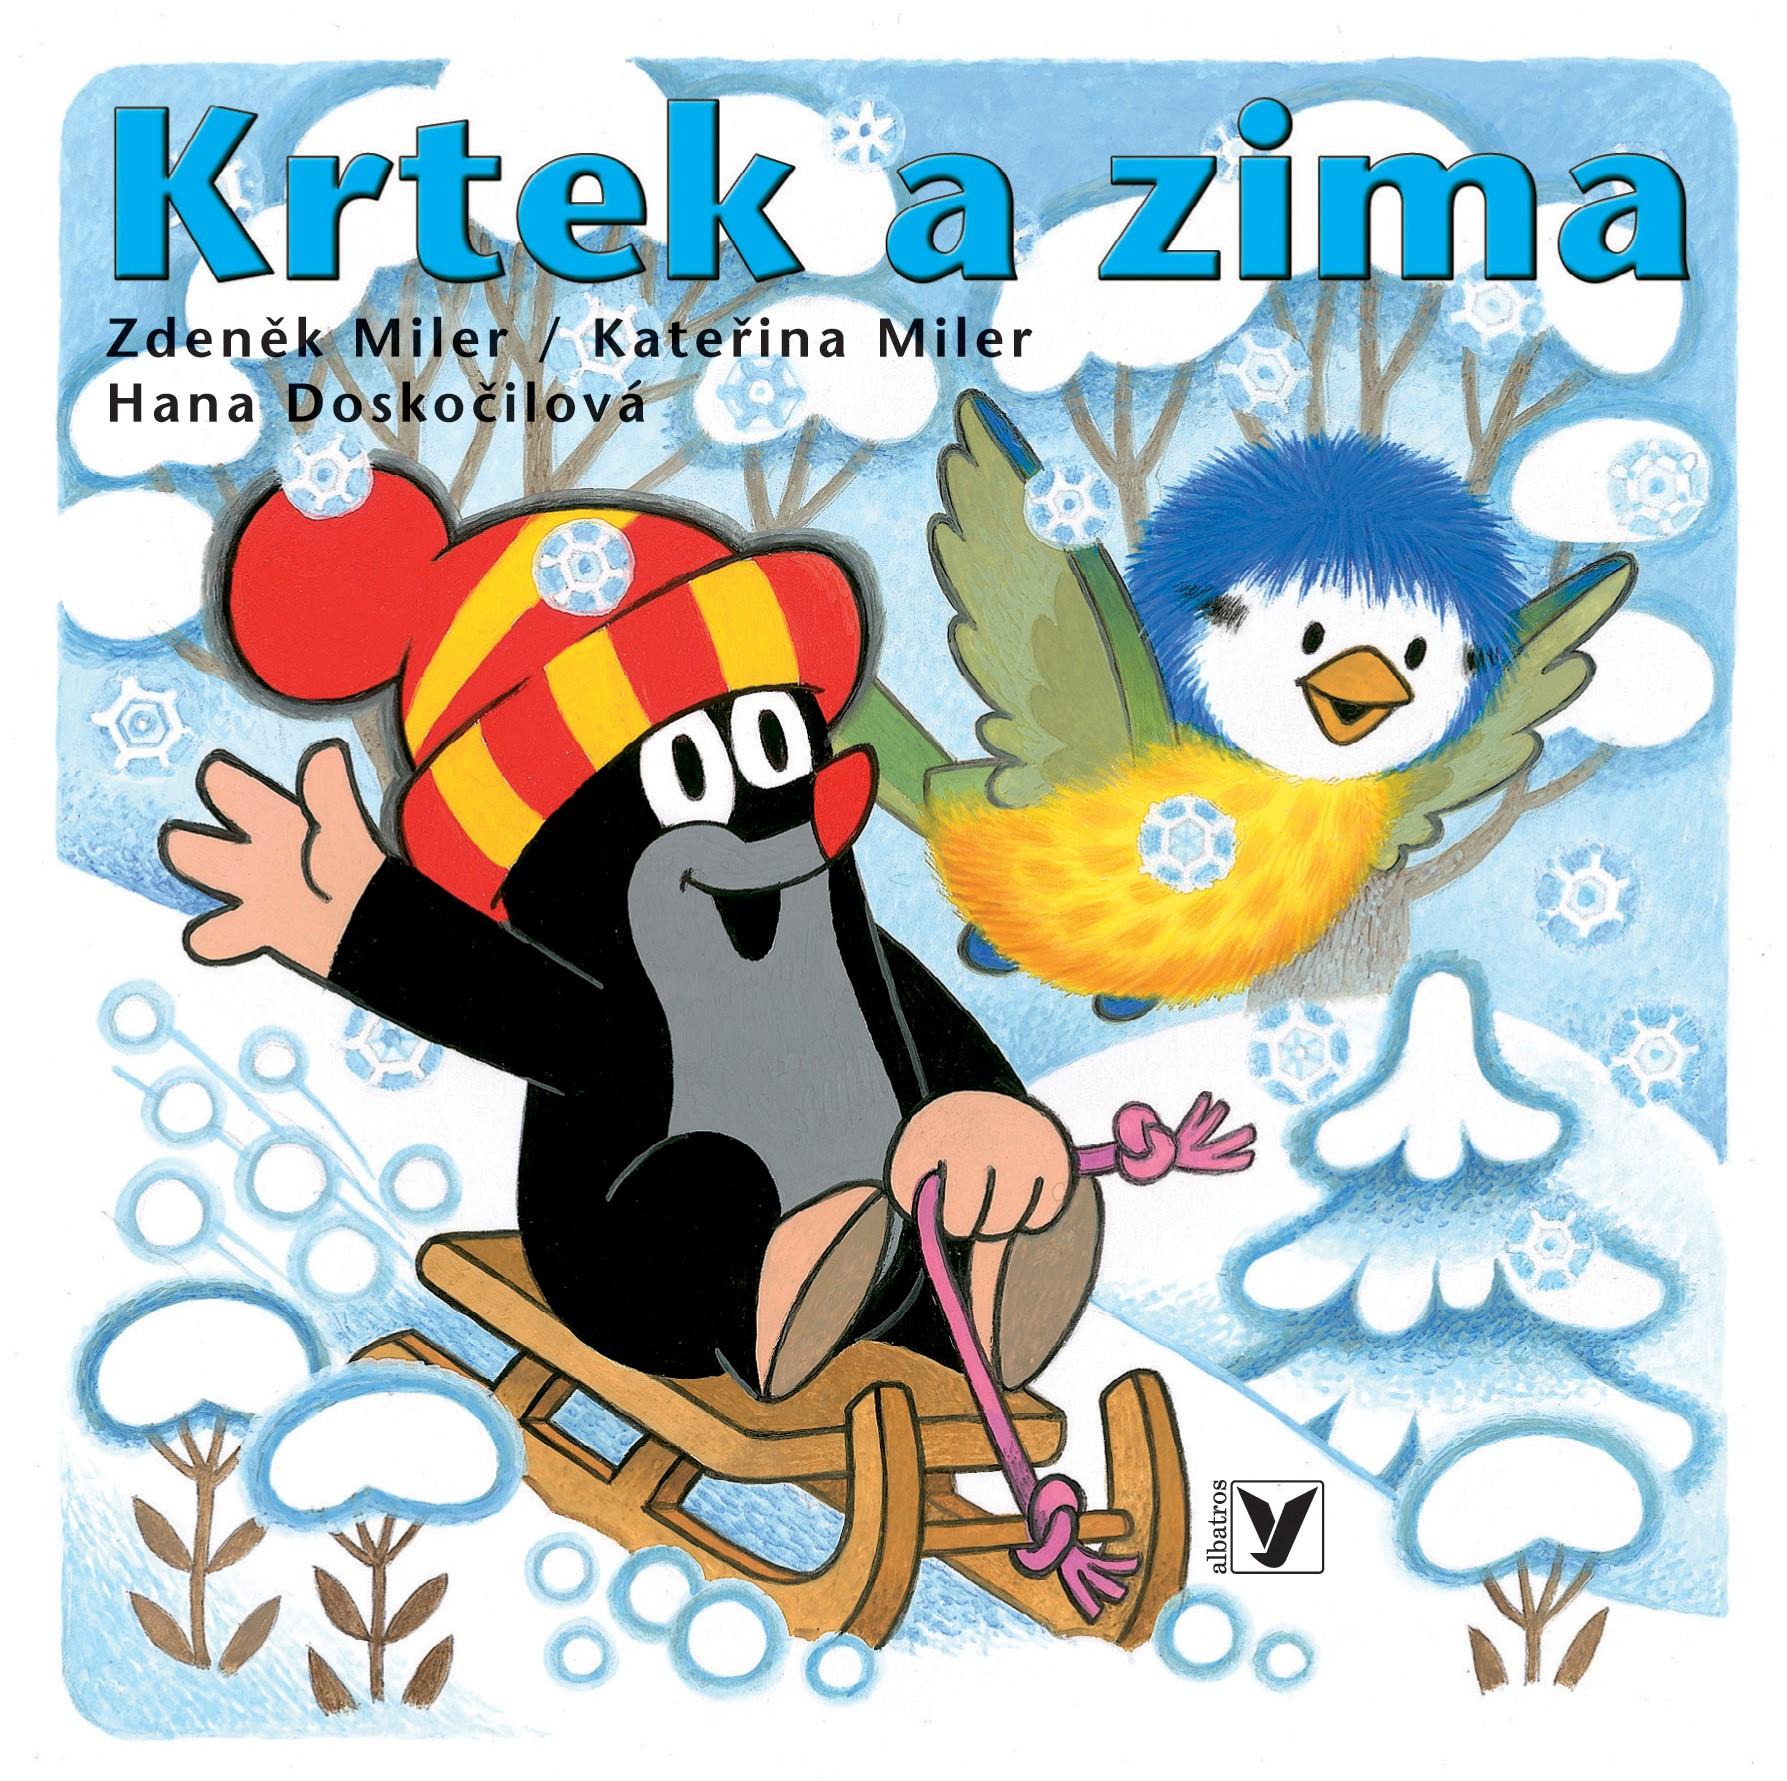 Krtek a zima | Zdeněk Miler, Kateřina Miler, Hana Doskočilová